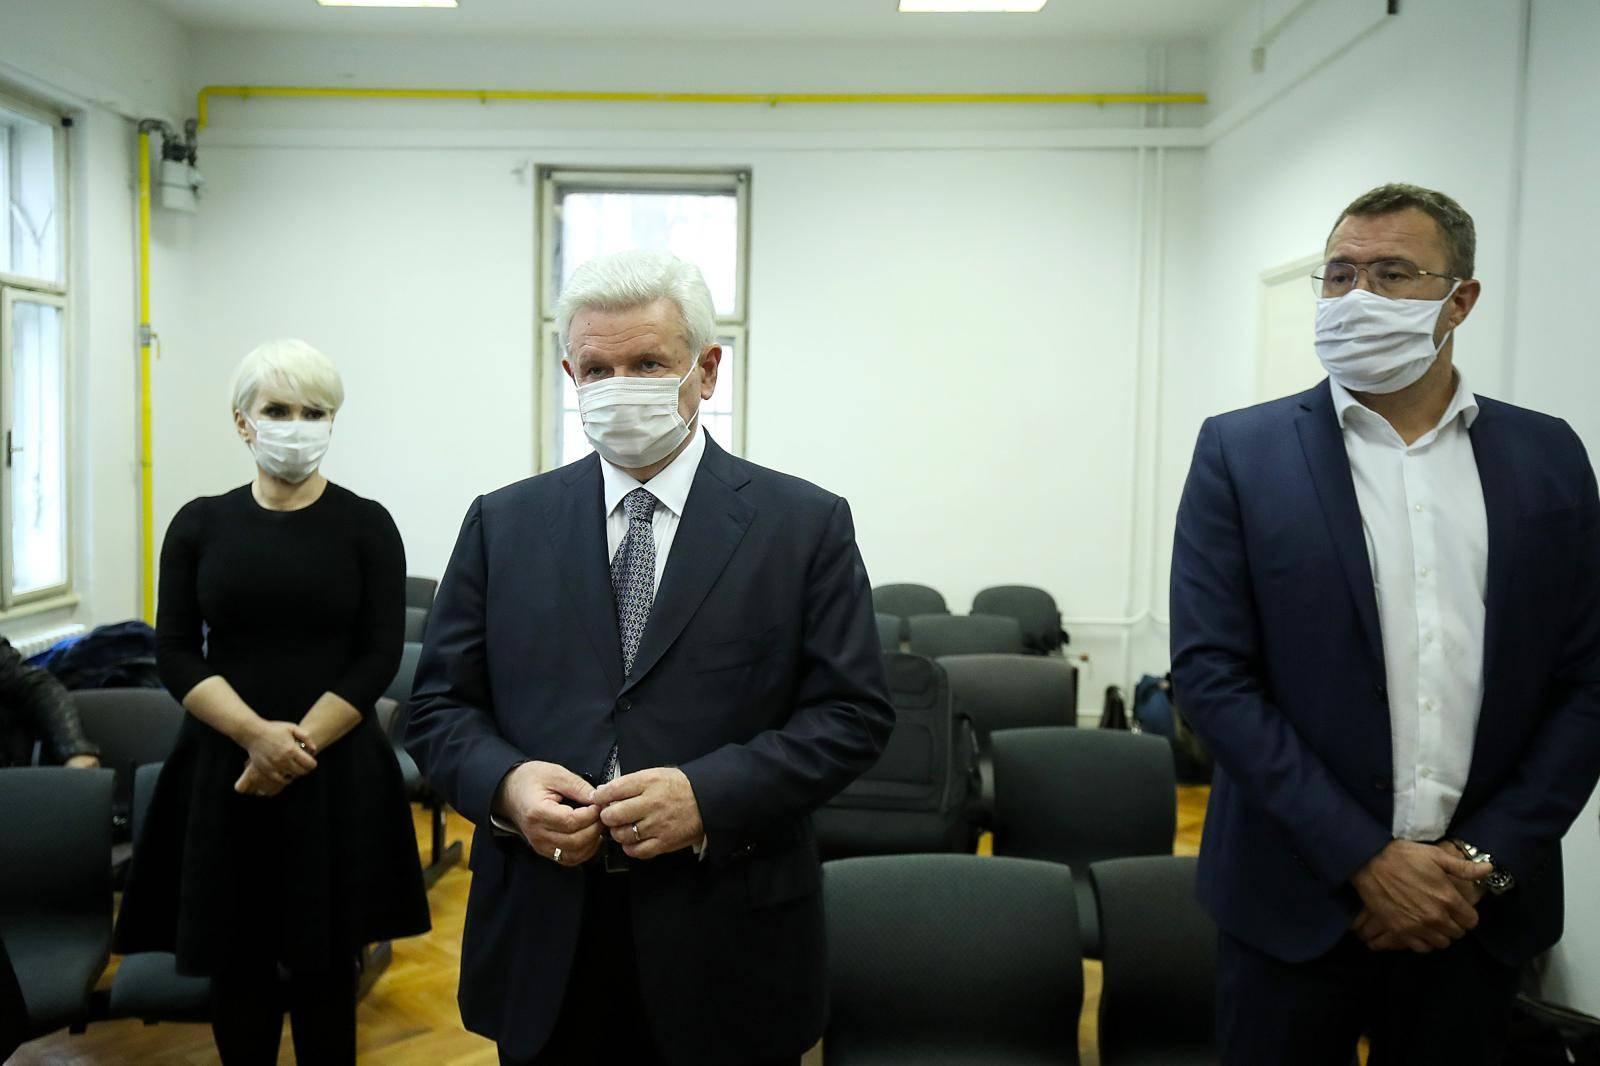 Todorić i ostali oslobođeni u slučaju 'mali Agrokor': 'Ovo je veliki fijasko tužiteljstva'